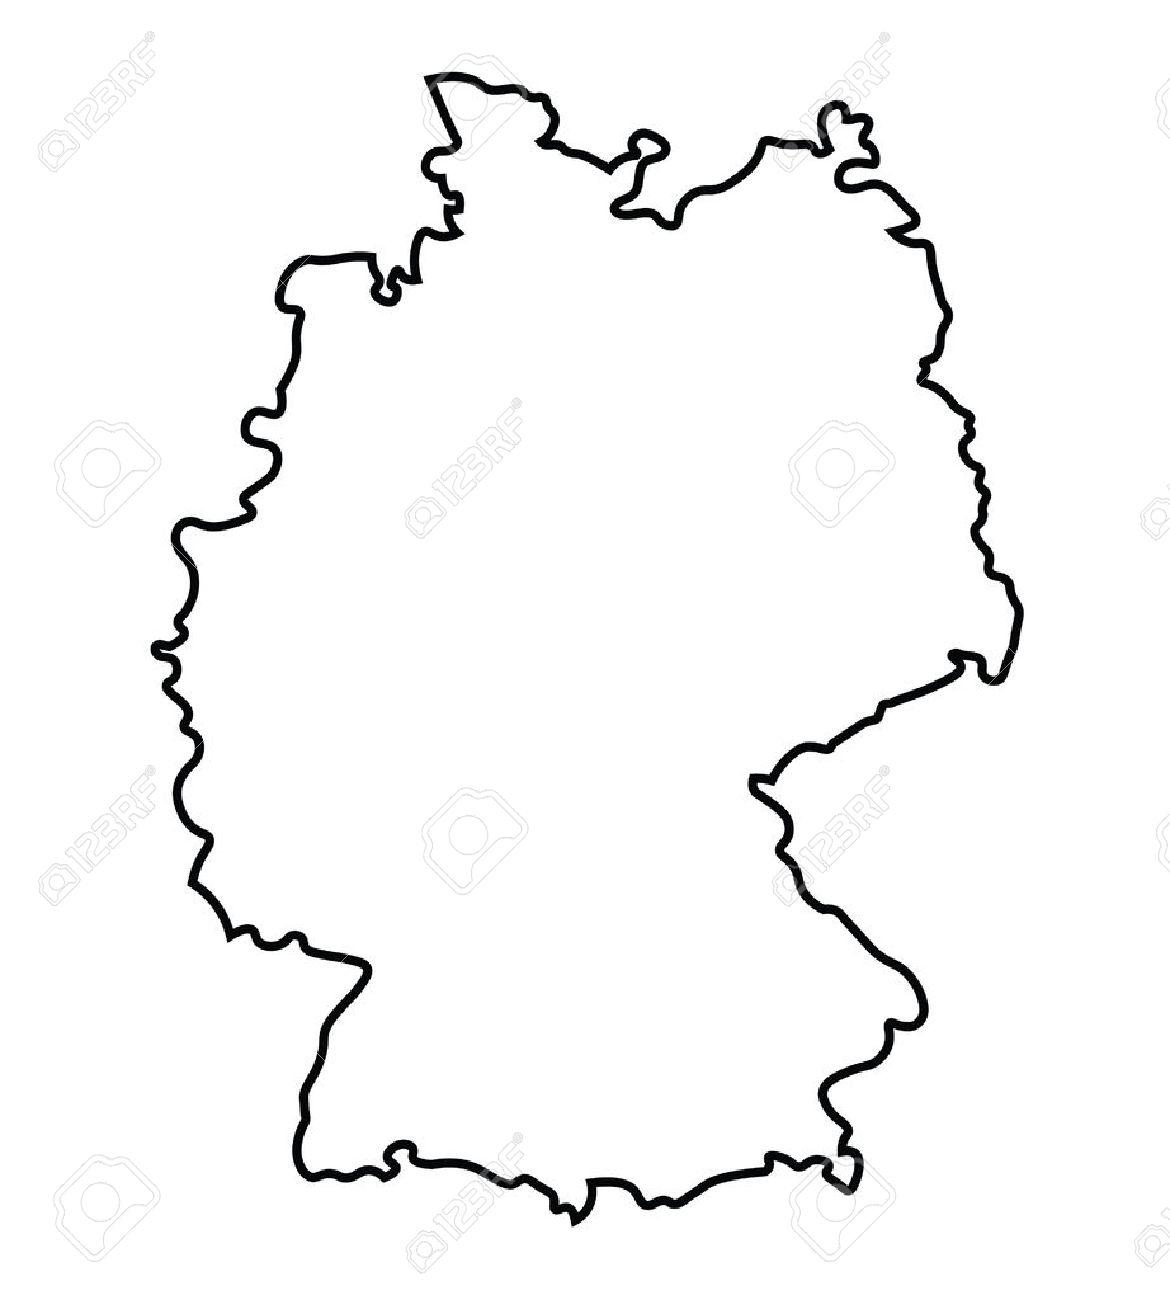 noir carte abstraite de l'Allemagne Banque d'images - 37077056